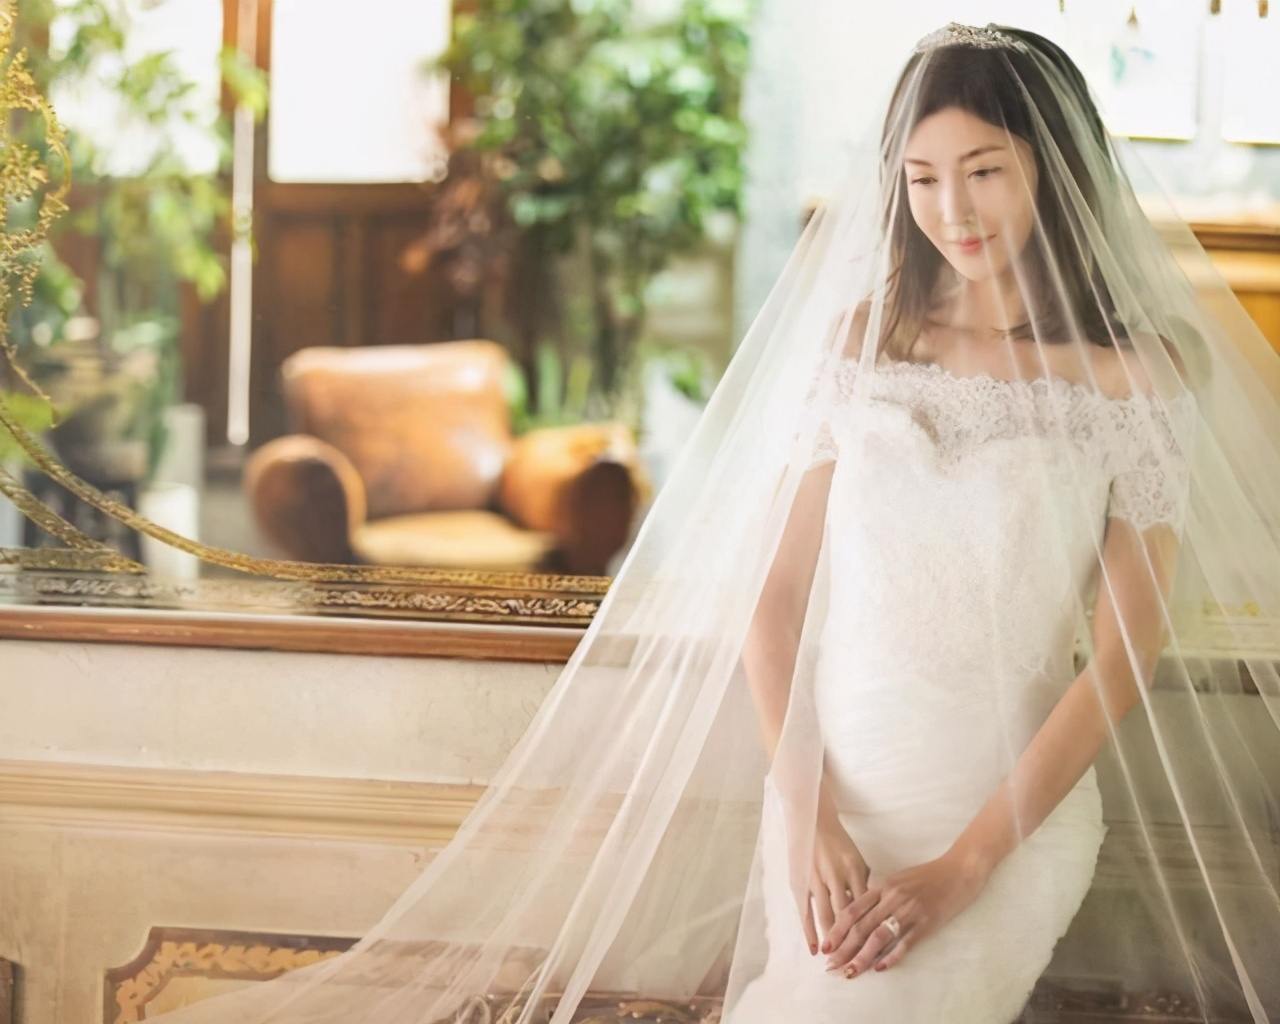 豪门梦碎!艾莉李彩桦和富豪离婚,结婚仅19个月